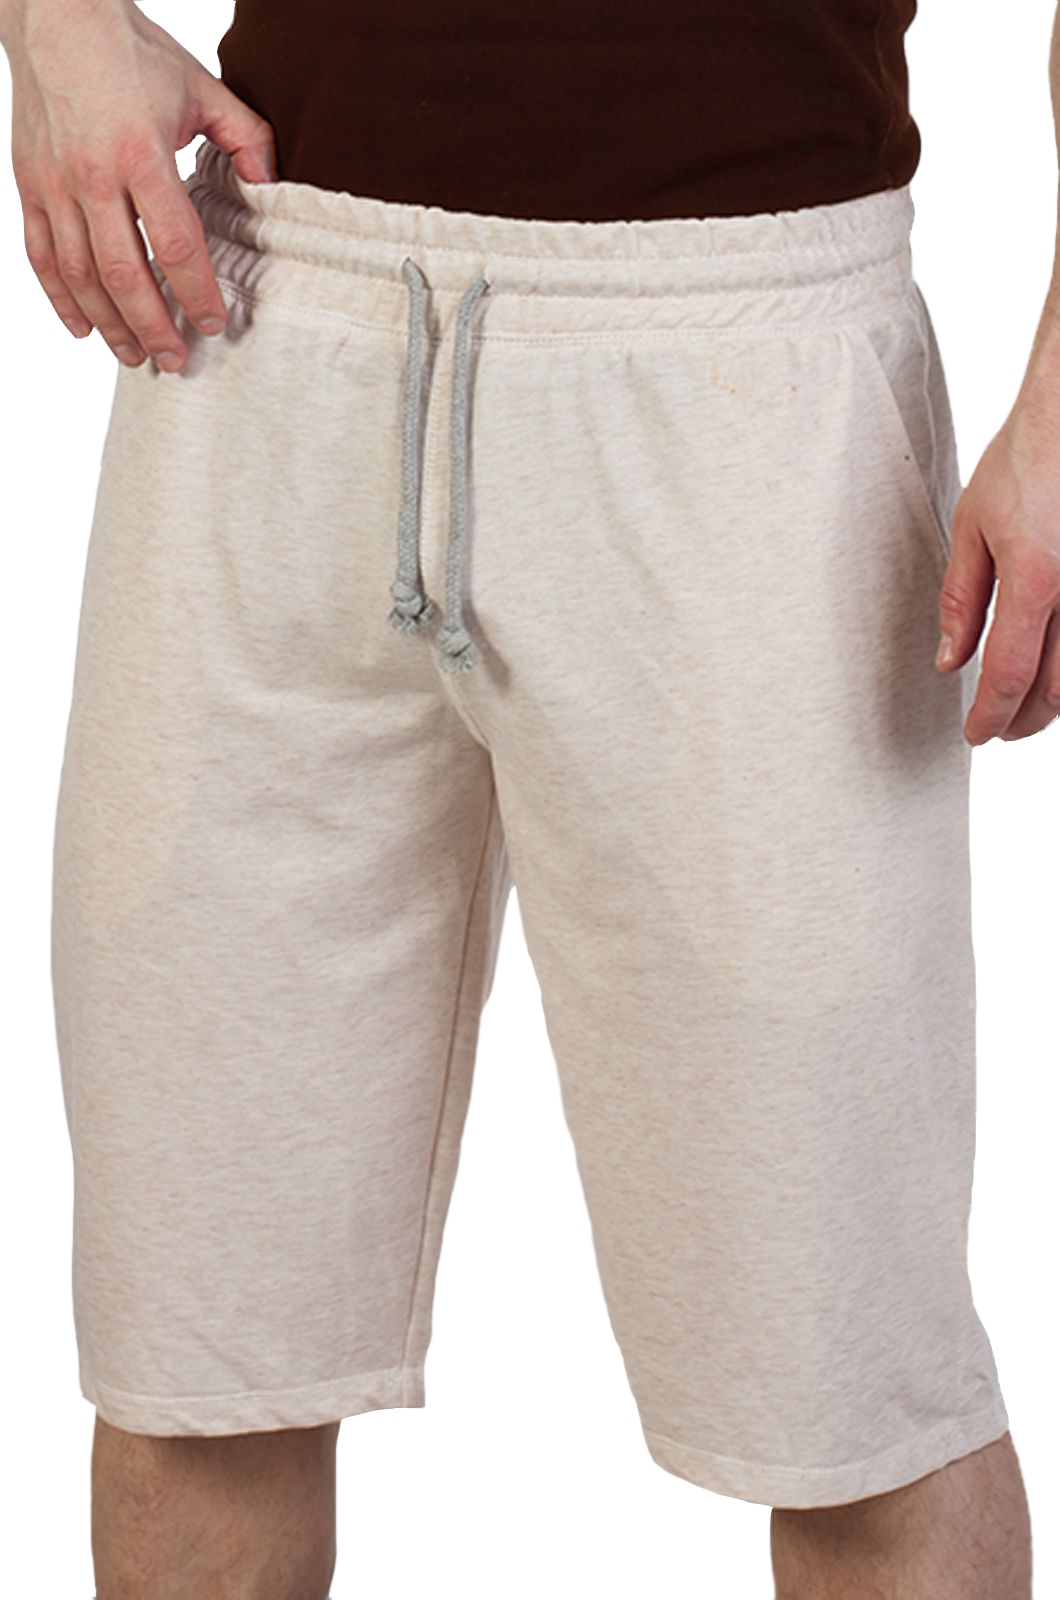 Летние шорты для мужчин от French Onion | Купить мужские трикотажные шорты